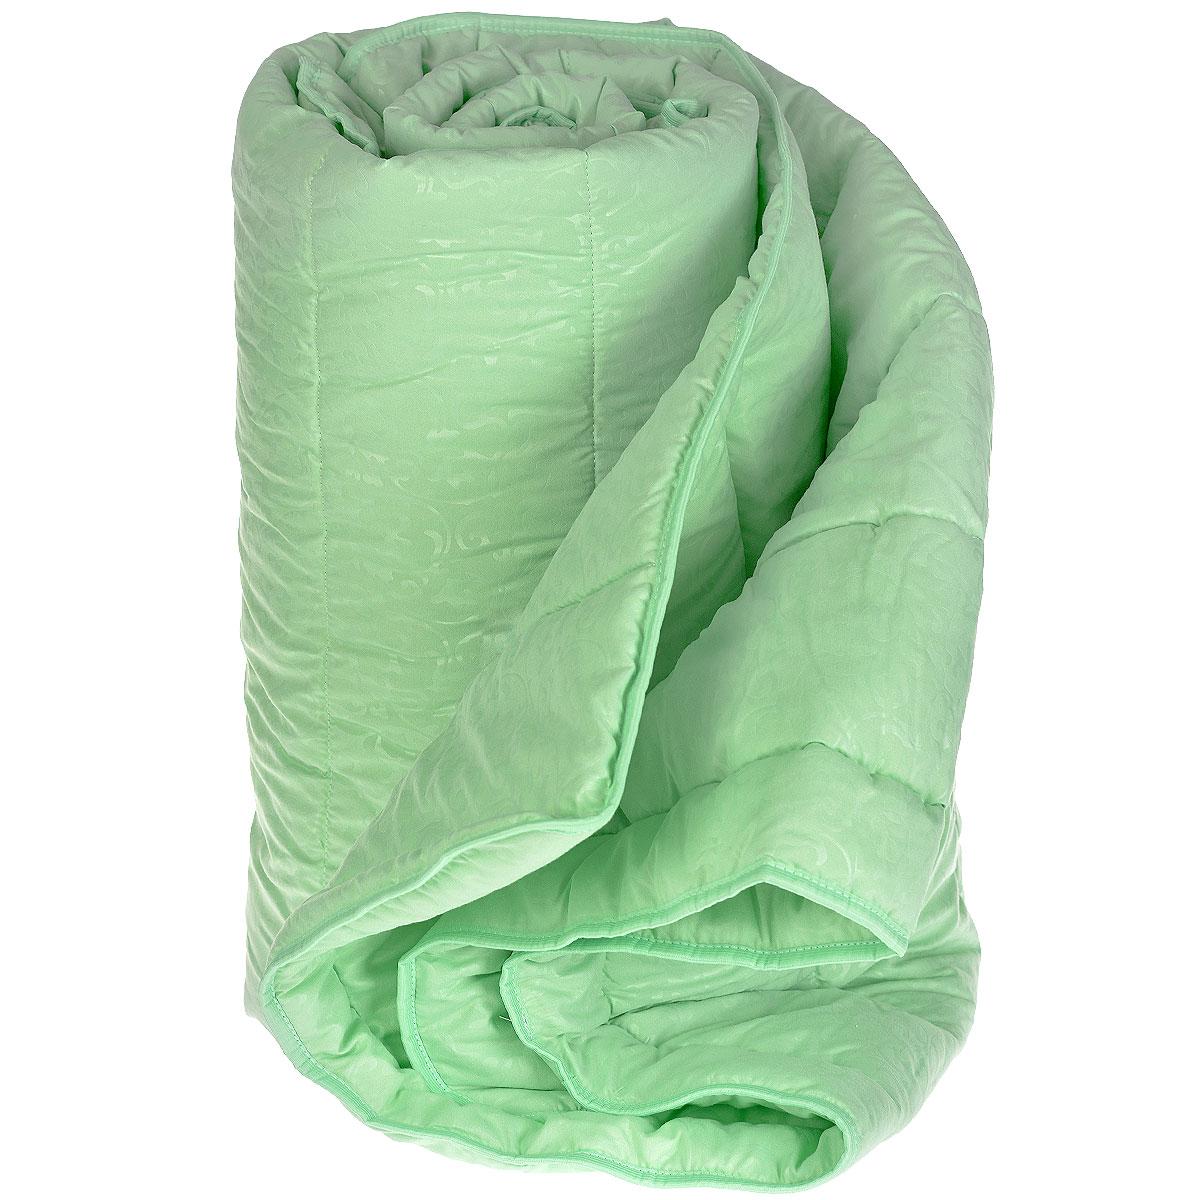 Одеяло облегченное Miotex Бамбук, наполнитель: волокно бамбука, цвет: фисташковый, 200 см х 220 смМБМ-22-2ССтеганый чехол облегченного одеяла Miotex Бамбук выполнен из полиэстера с набивным рисунком. Наполнитель - волокно на основе бамбука. Одеяло обладает всеми полезными свойствами бамбукового волокна - не накапливает пыль и запахи. Не теряет своих качеств при многократных стирках. Стежка равномерно удержит наполнитель в чехле, а окантовка держит форму изделия. Легкое летнее одеяло, за которым легко ухаживать. Подходит людям, страдающим аллергией и астмой, так как совершенно гипоаллергенно. Рекомендации по уходу: - Стирать при температуре не более 30°С, - Нельзя отбеливать. При стирке не использовать средства, содержащие отбеливатели (хлор), - Не гладить. Не применять обработку паром, - Нельзя выжимать и сушить в стиральной машине. Материал чехла: 100% полиэстер. Наполнитель: бамбуковое волокно. Плотность наполнителя: 200 г/м2.